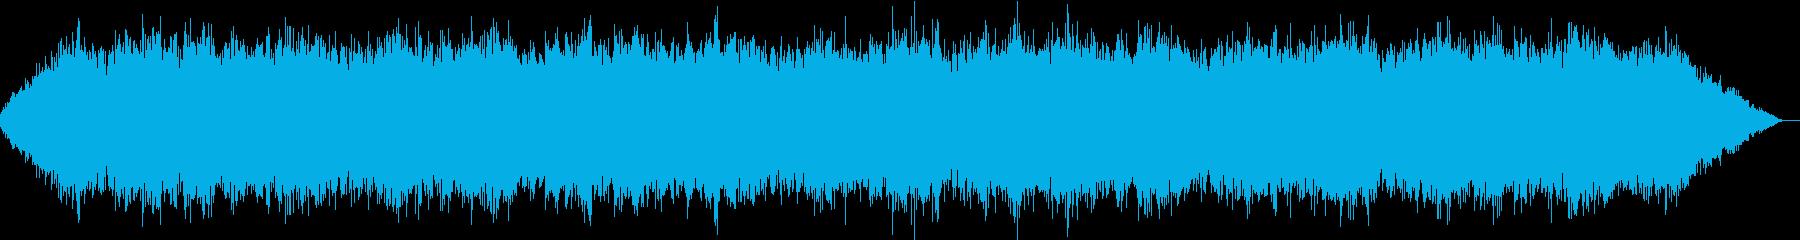 自然音とソウルヒーリング -浄化-の再生済みの波形